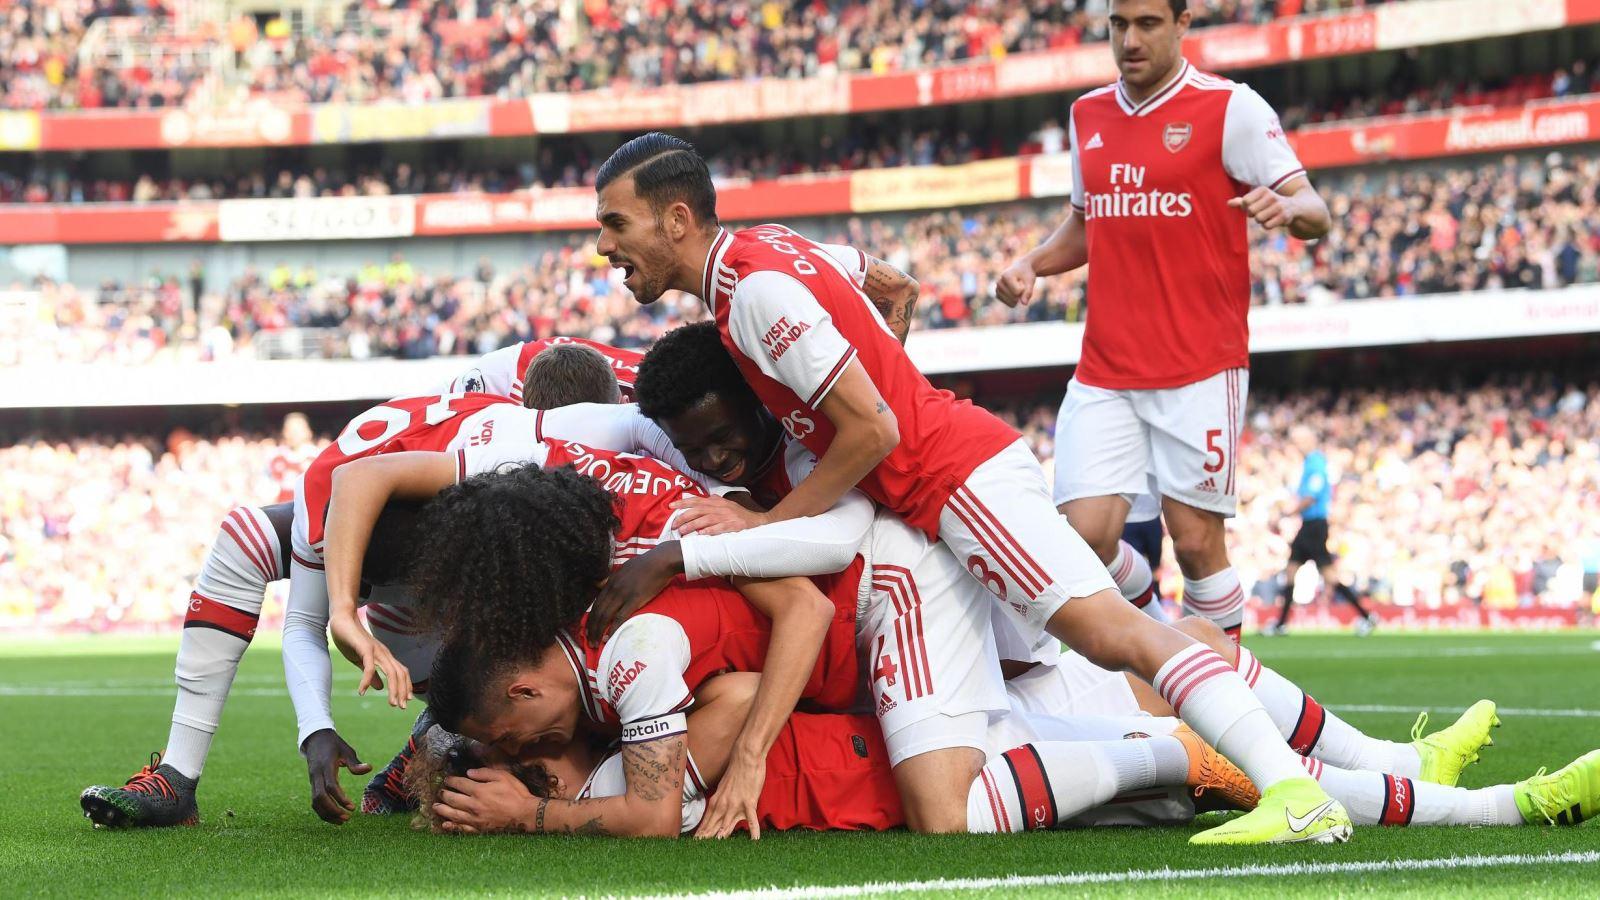 Sheffield Utd đấu với Arsenal , kèo bóng đá, Arsenal, truc tiep bong da hôm nay, Sheffield Utd vs Arsenal , trực tiếp bóng đá, K+PM, K+PC, K+, xem bóng đá trực tuyến